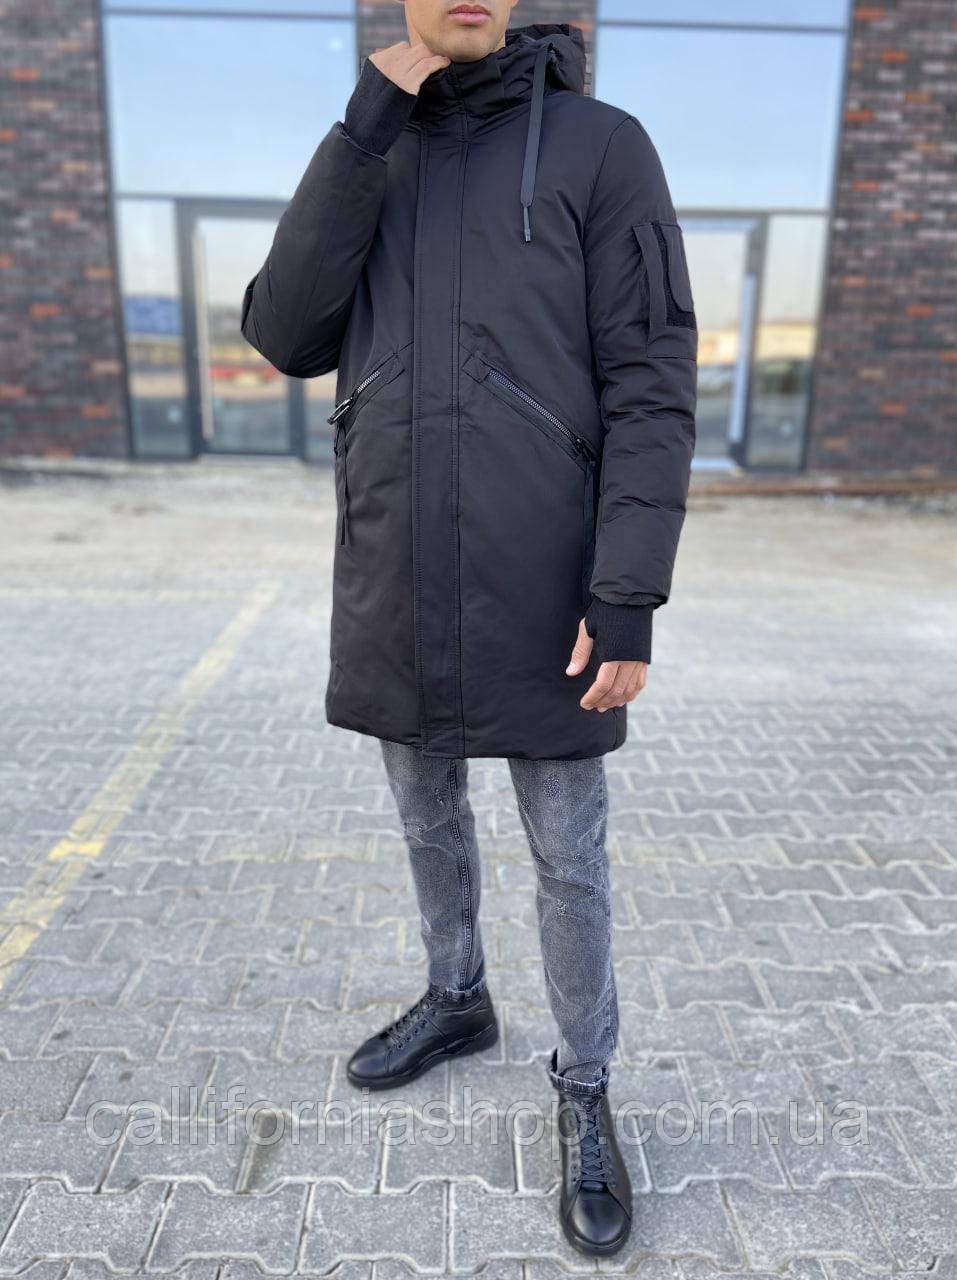 Зимняя мужская черная куртка парка длинная с капюшоном на холлофайбере теплая